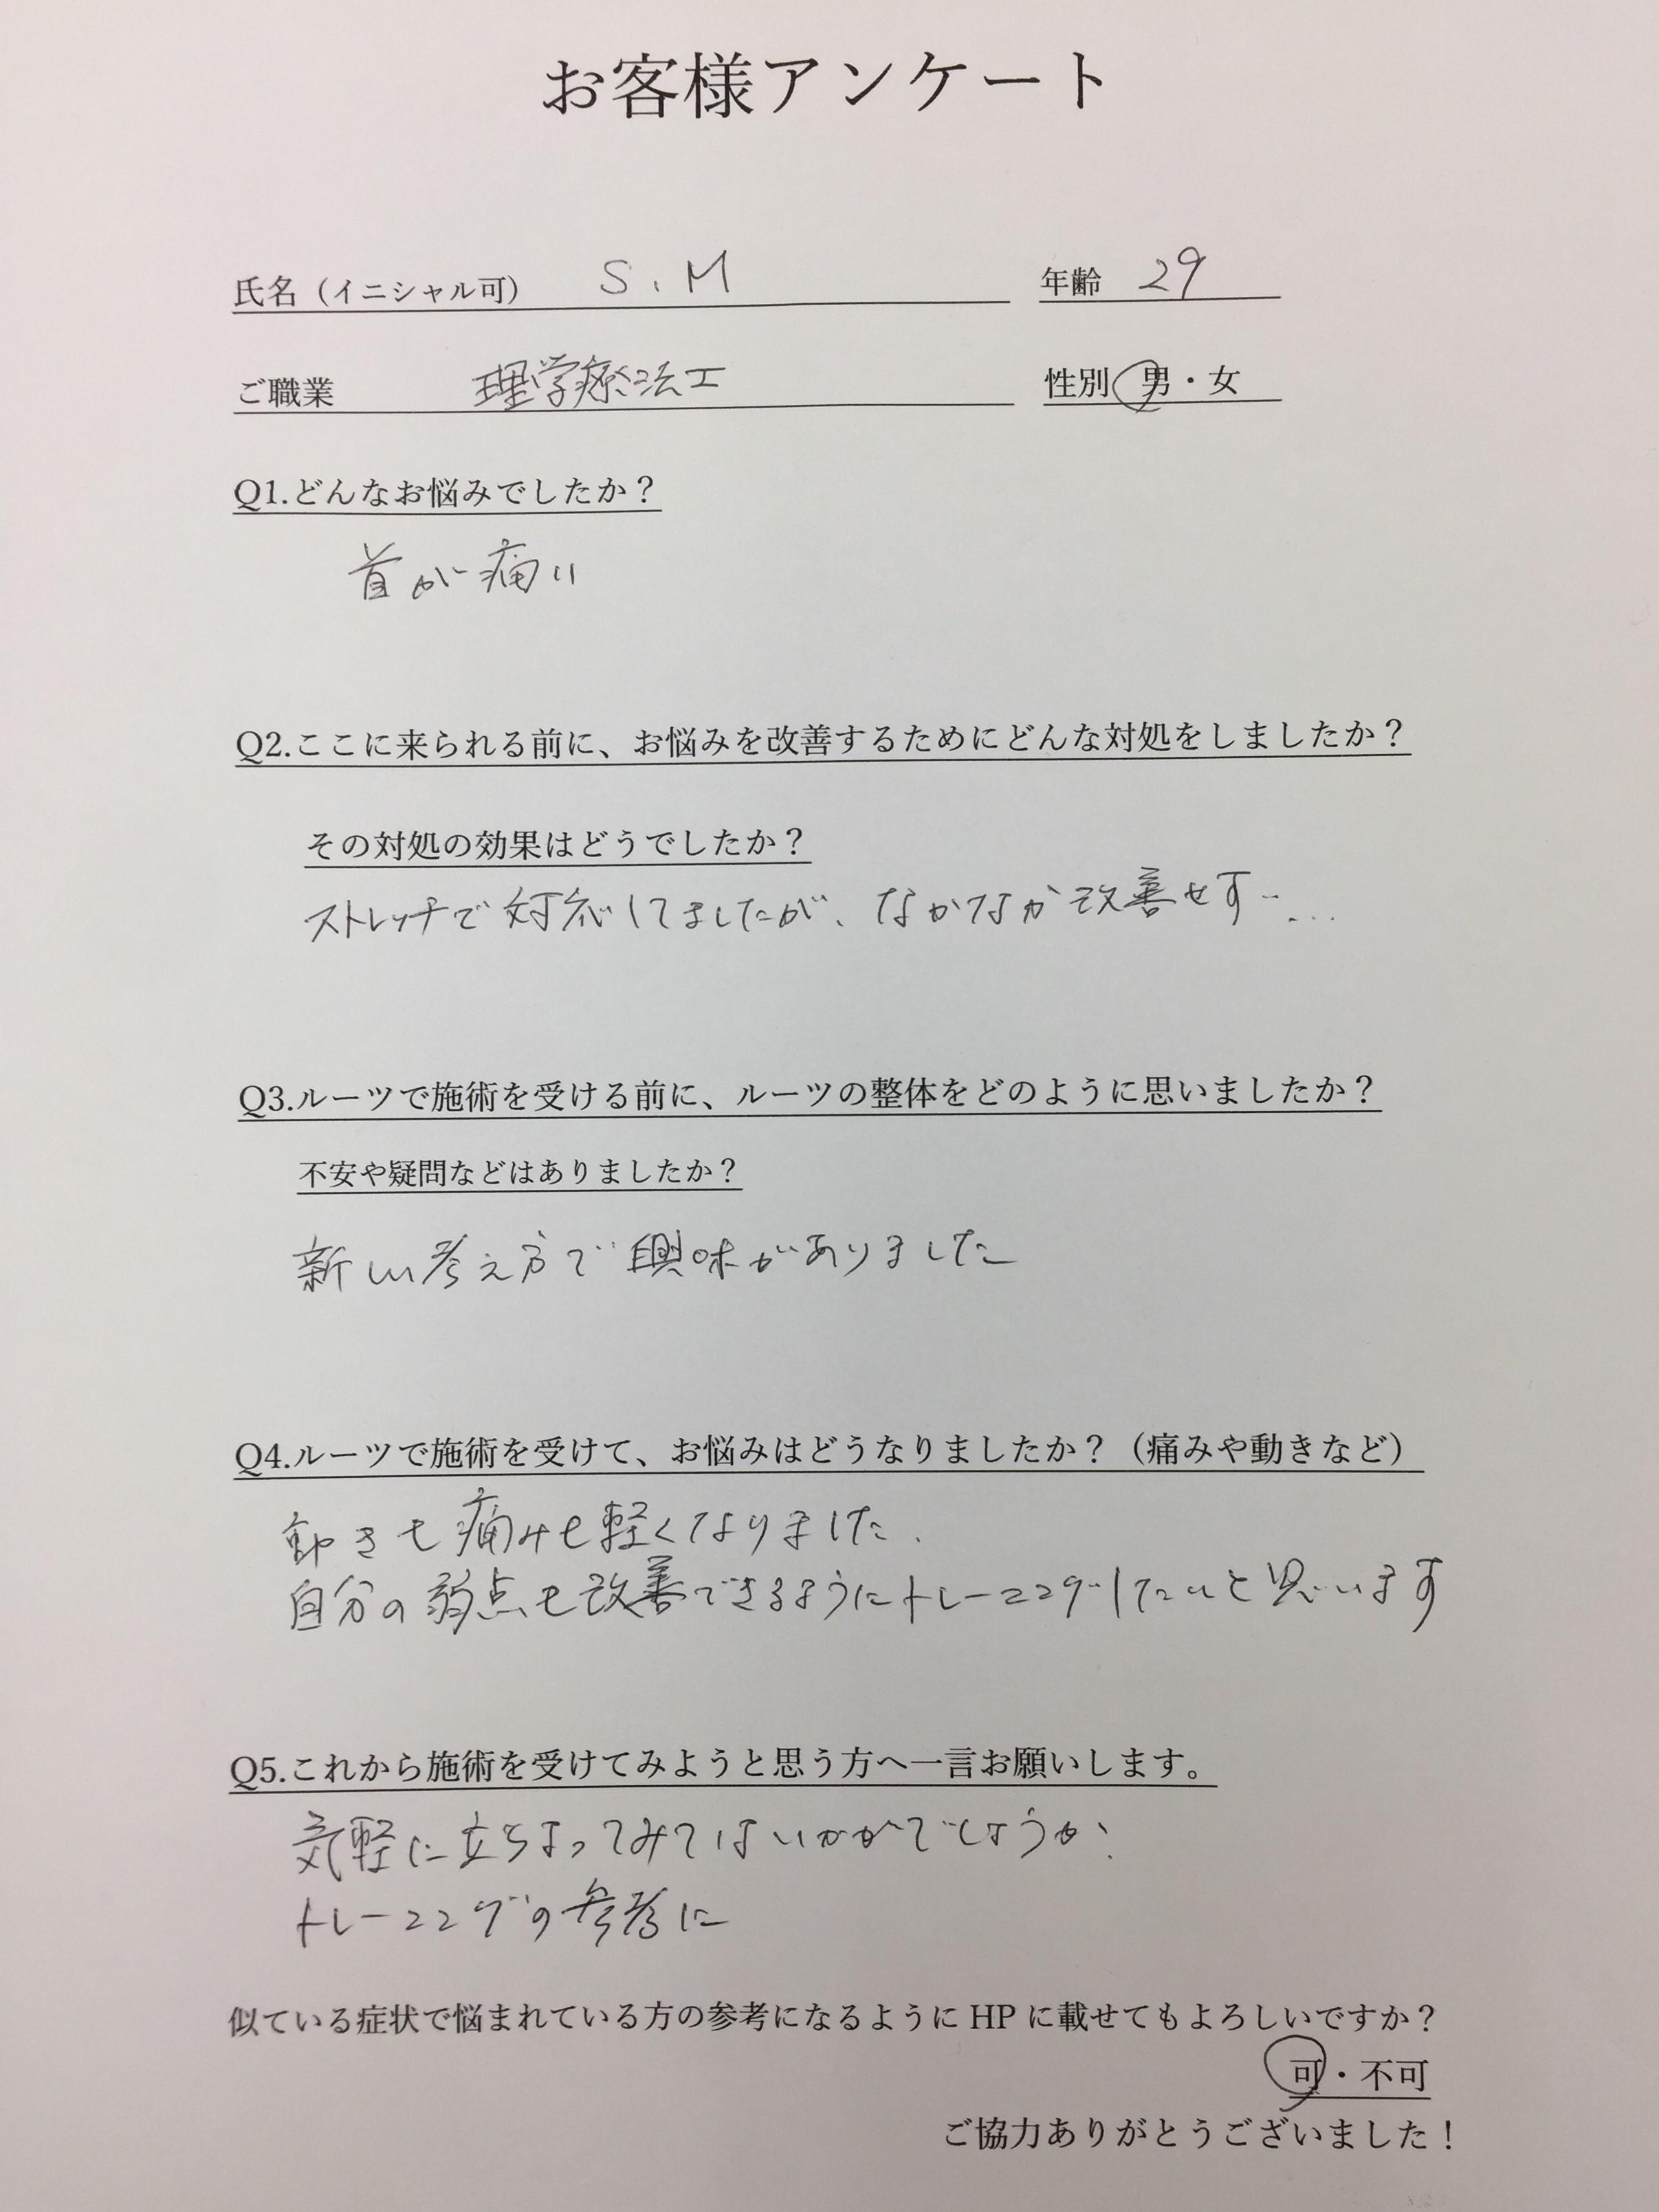 仙台の整体で五十肩の痛みに筋膜を施術するルーツ